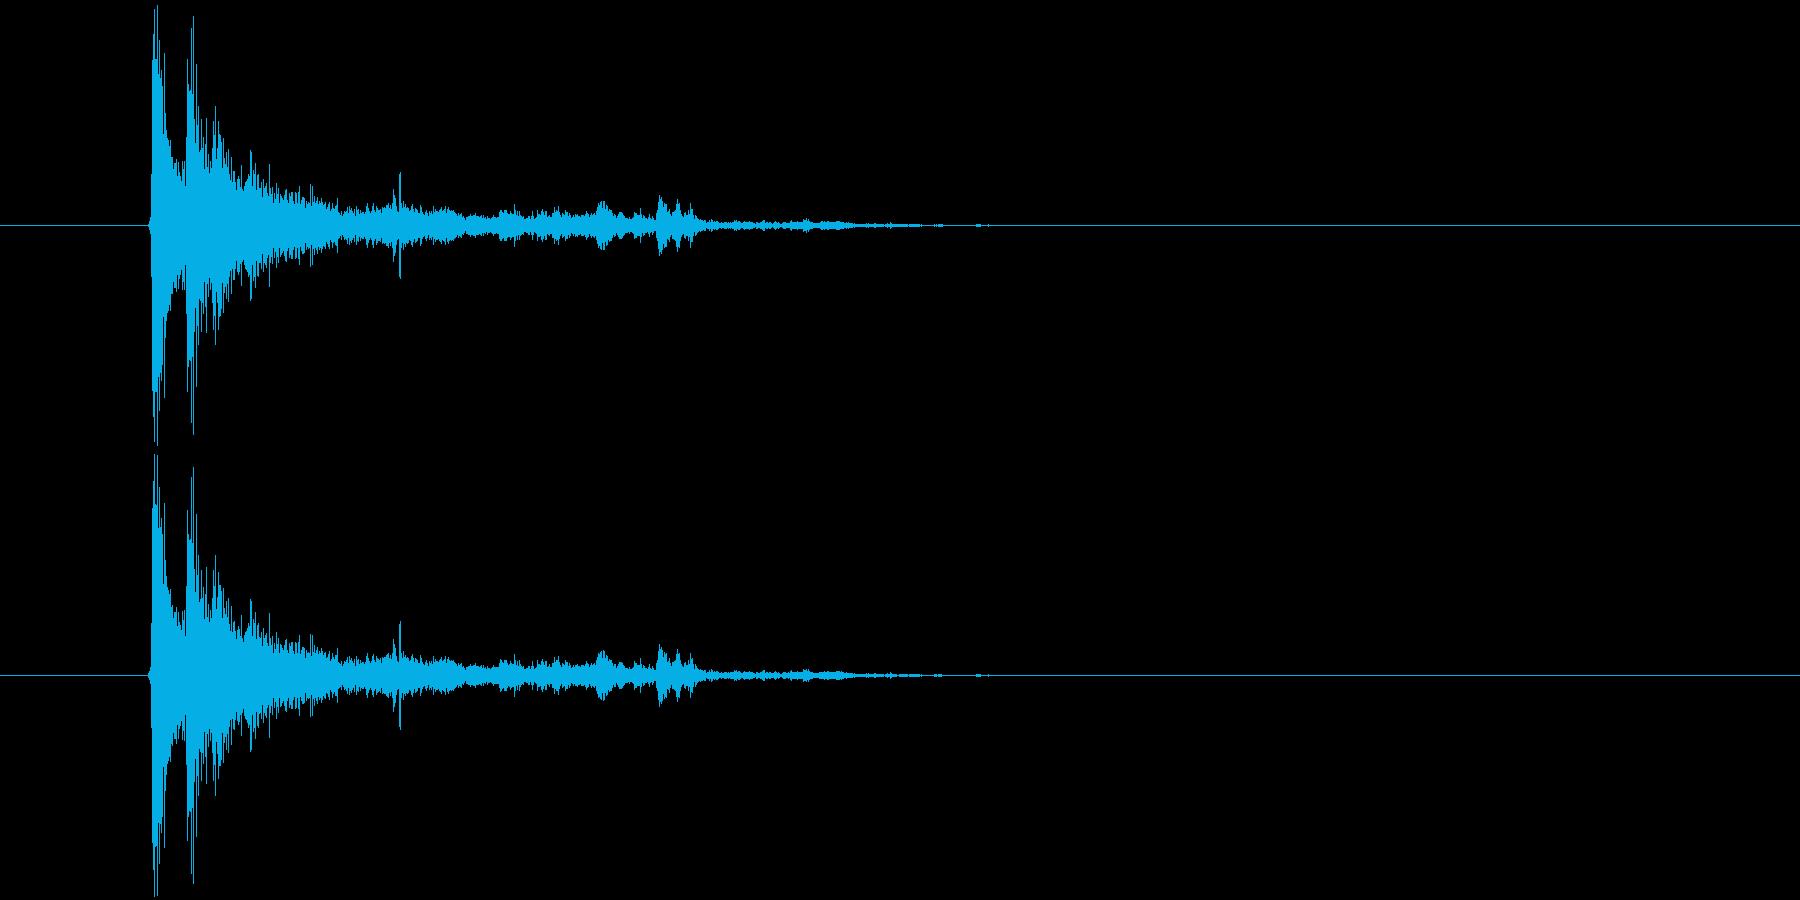 ガシャーン(窓ガラスが割れる音)の再生済みの波形